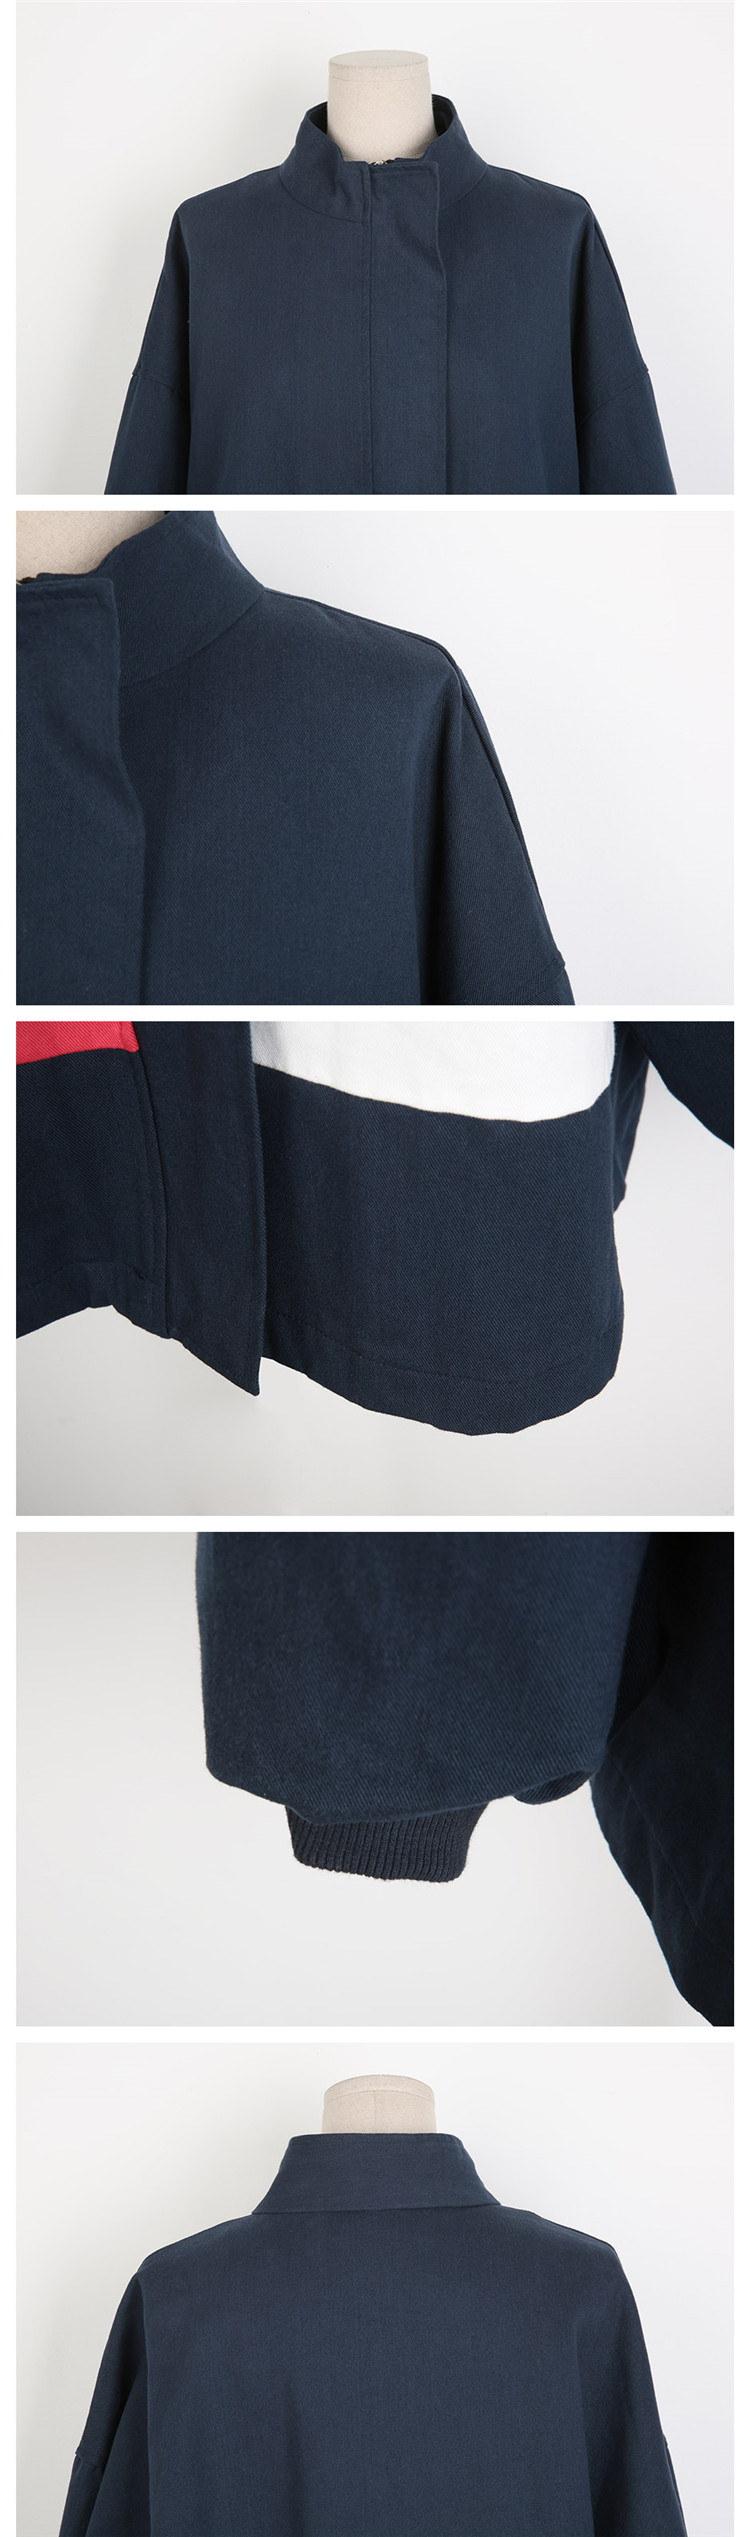 レディース 新作 コート coat アウター ジャケット 上着 かっこいい あったかい保温